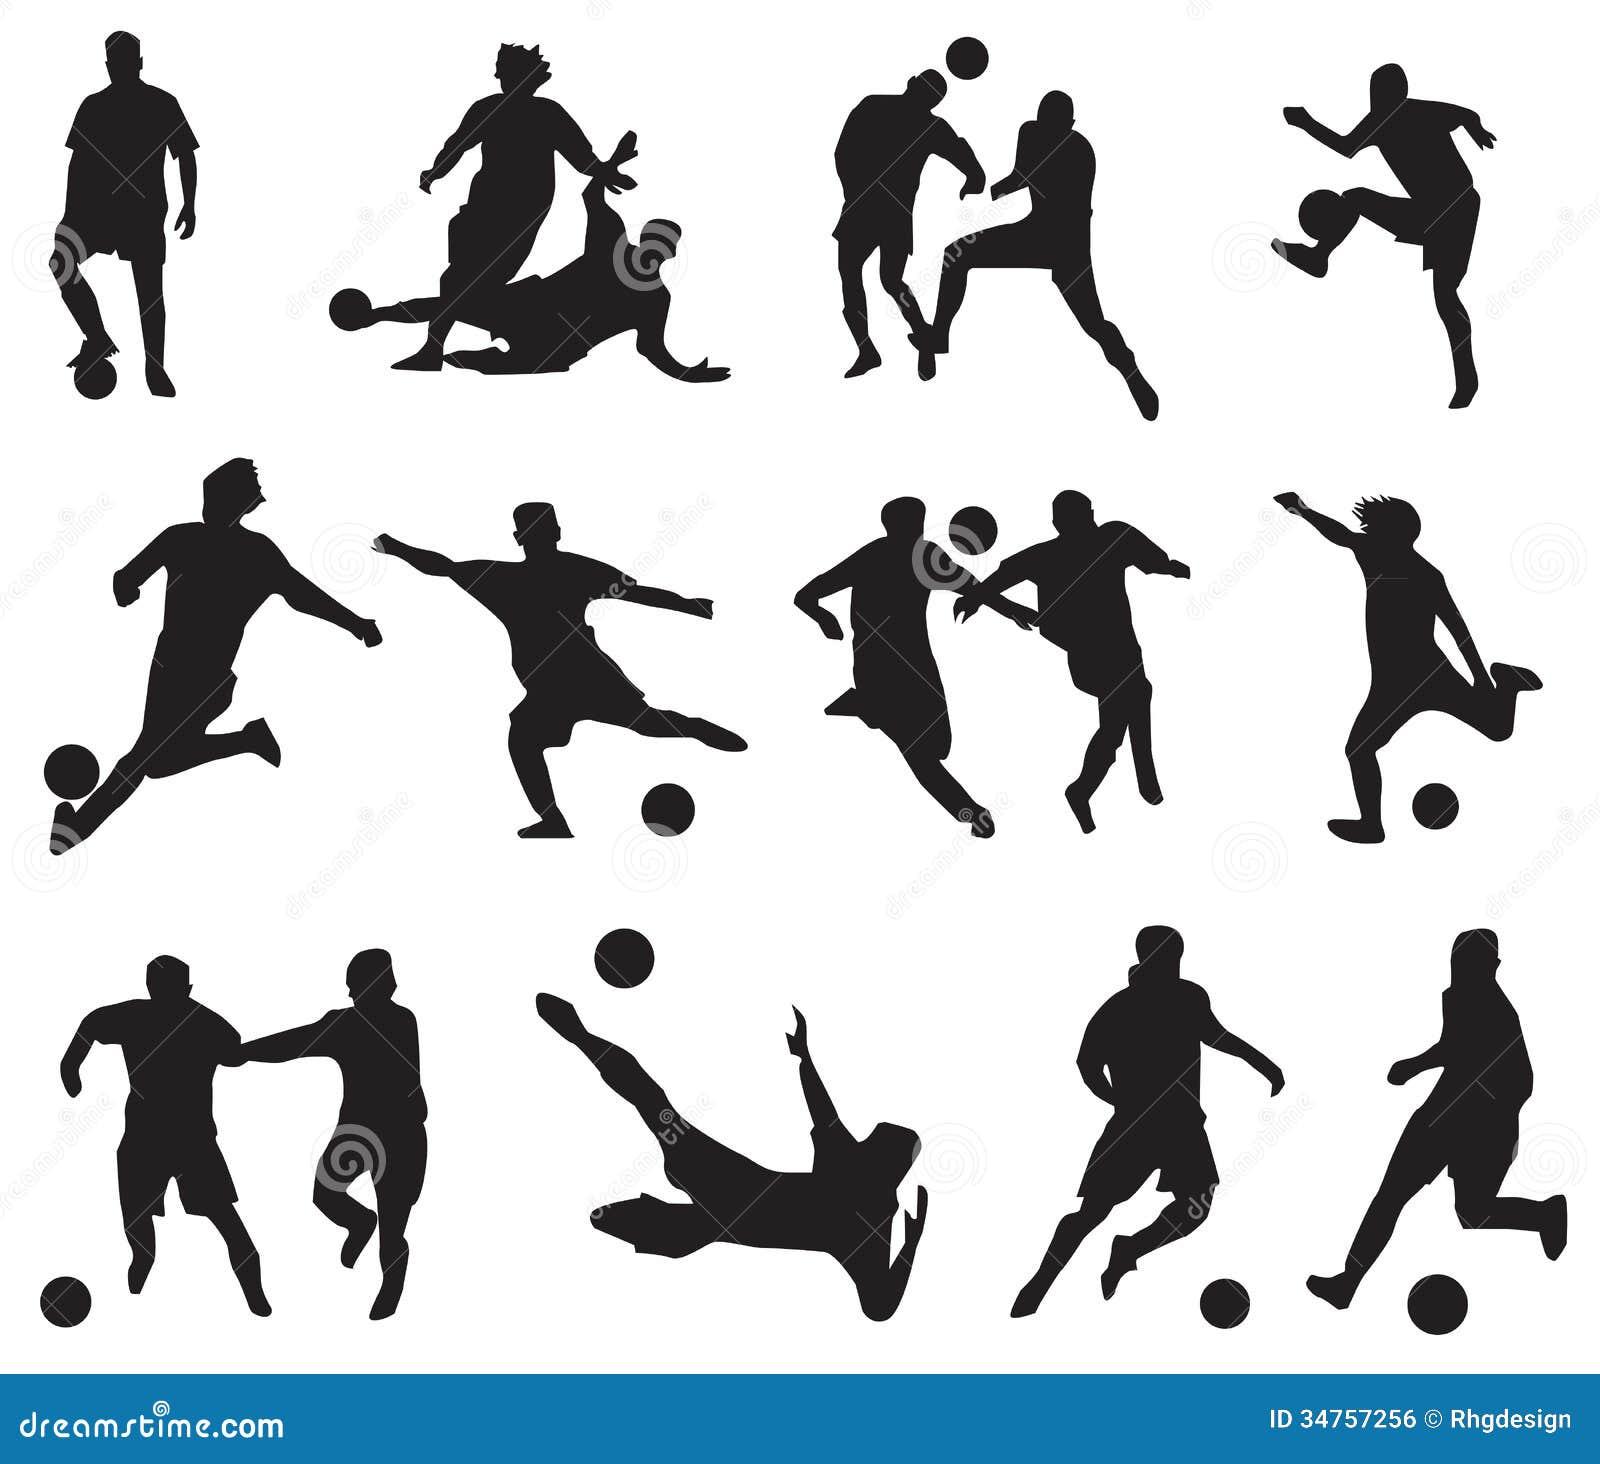 足球尴尬图片_竞彩足球专家预测_足球外围投注_足球